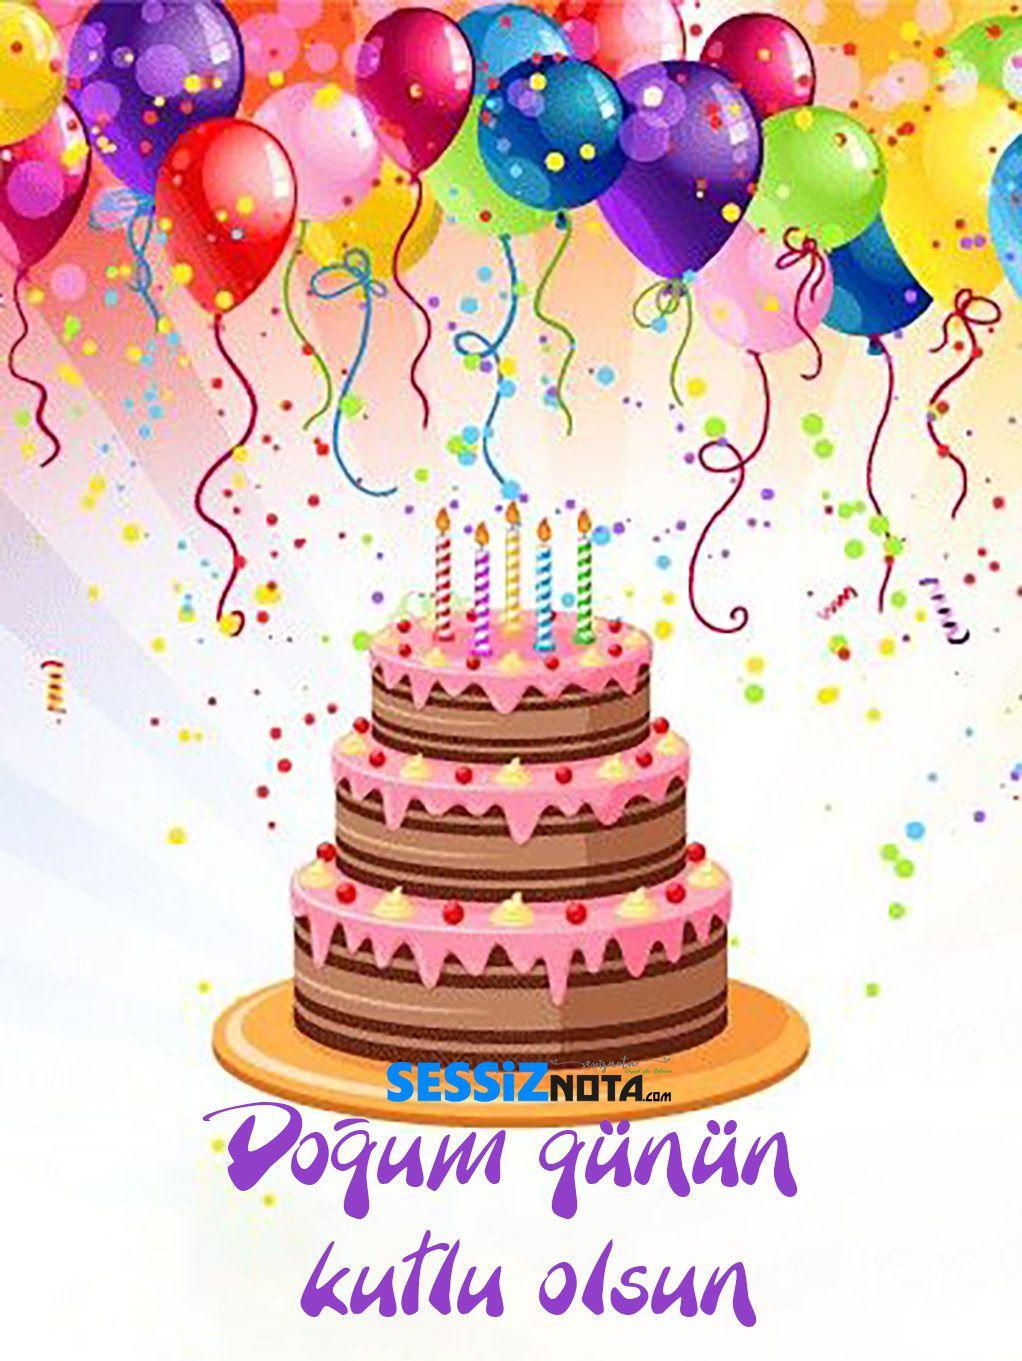 2019 Dogum Gunu Mesajlari Sessiz Nota Dogum Gunu Dogum Gunu Mesajlari Dogum Gunu Dilekleri